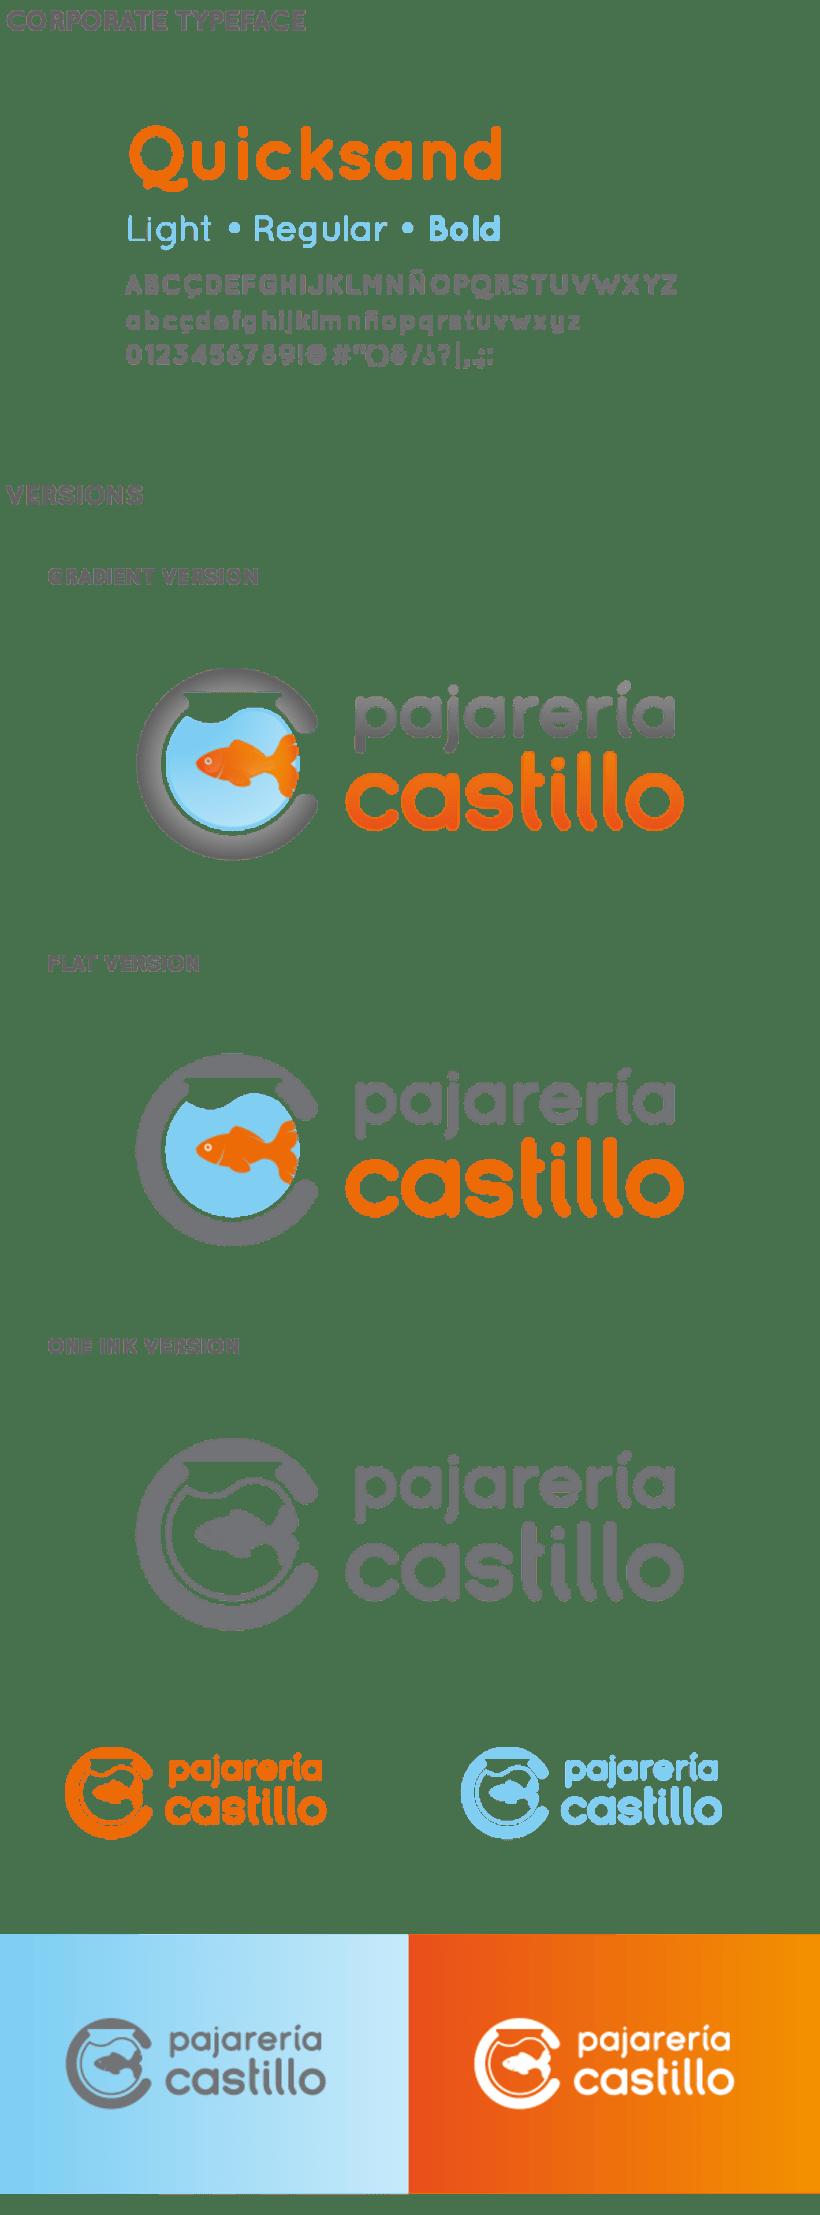 Pajarería Castillo 4